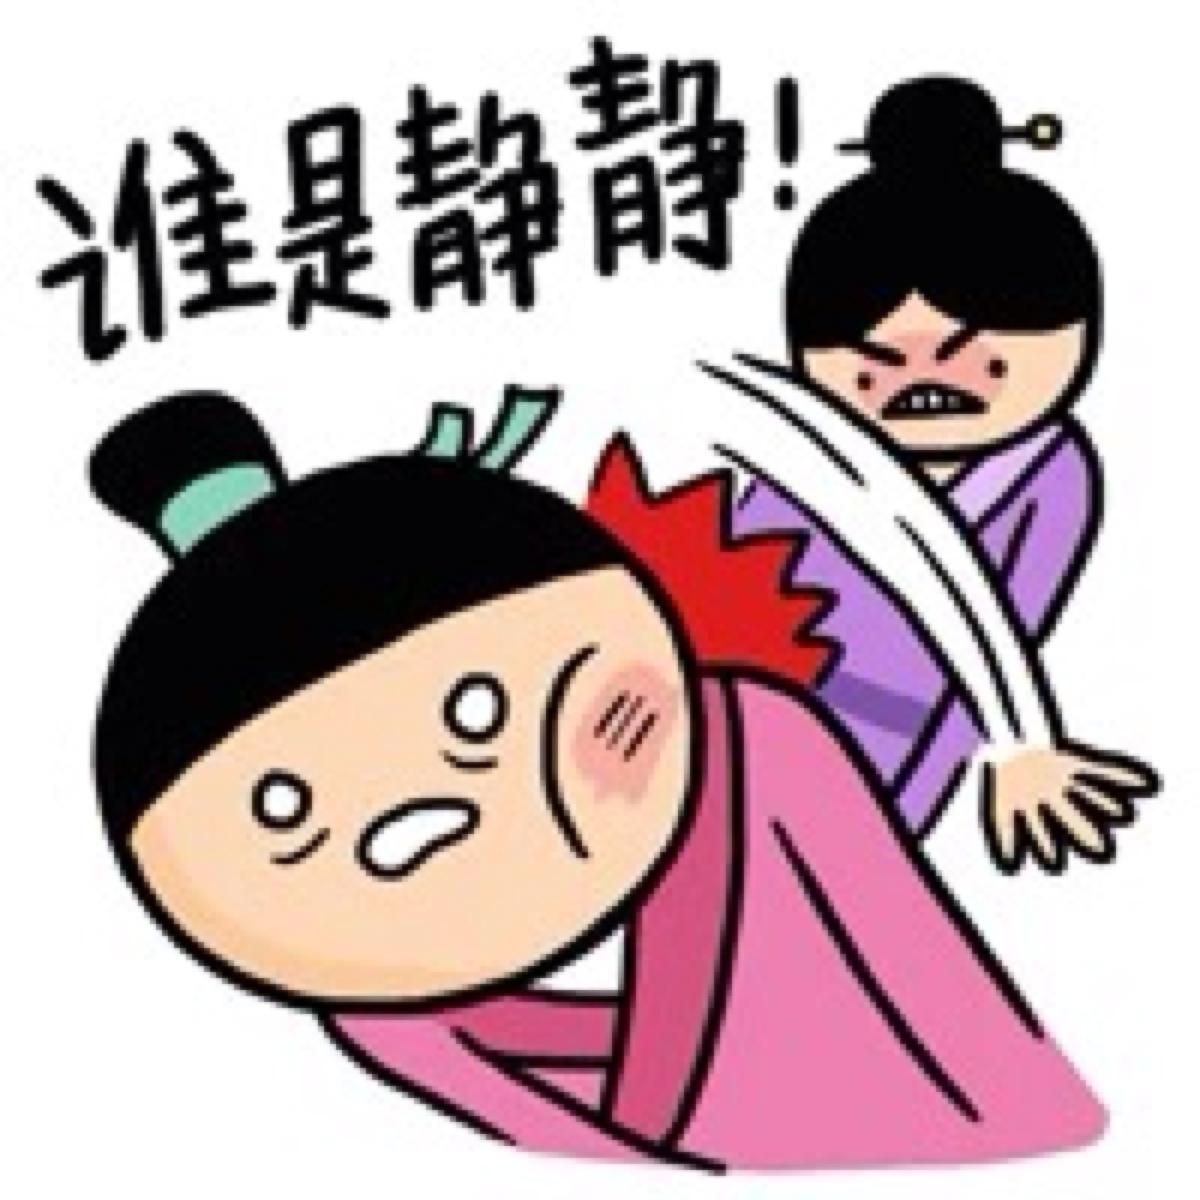 表情 哥哥和妹妹啪啪啪漫画相关图片推荐 和小三啪啪啪漫画 图库 表情